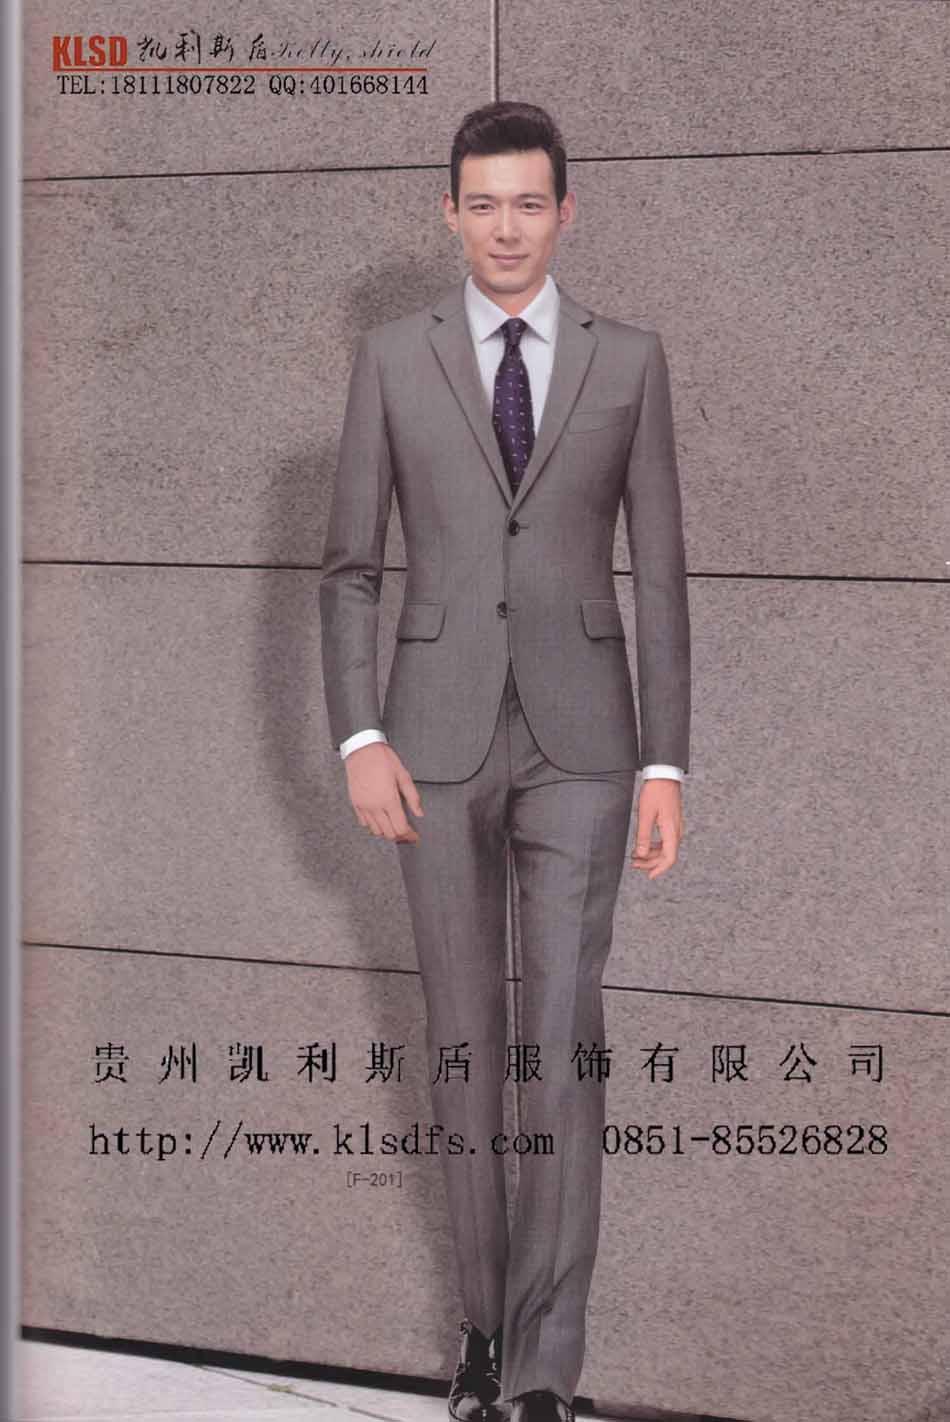 浙江高级男装,厂家长期供应高级男装